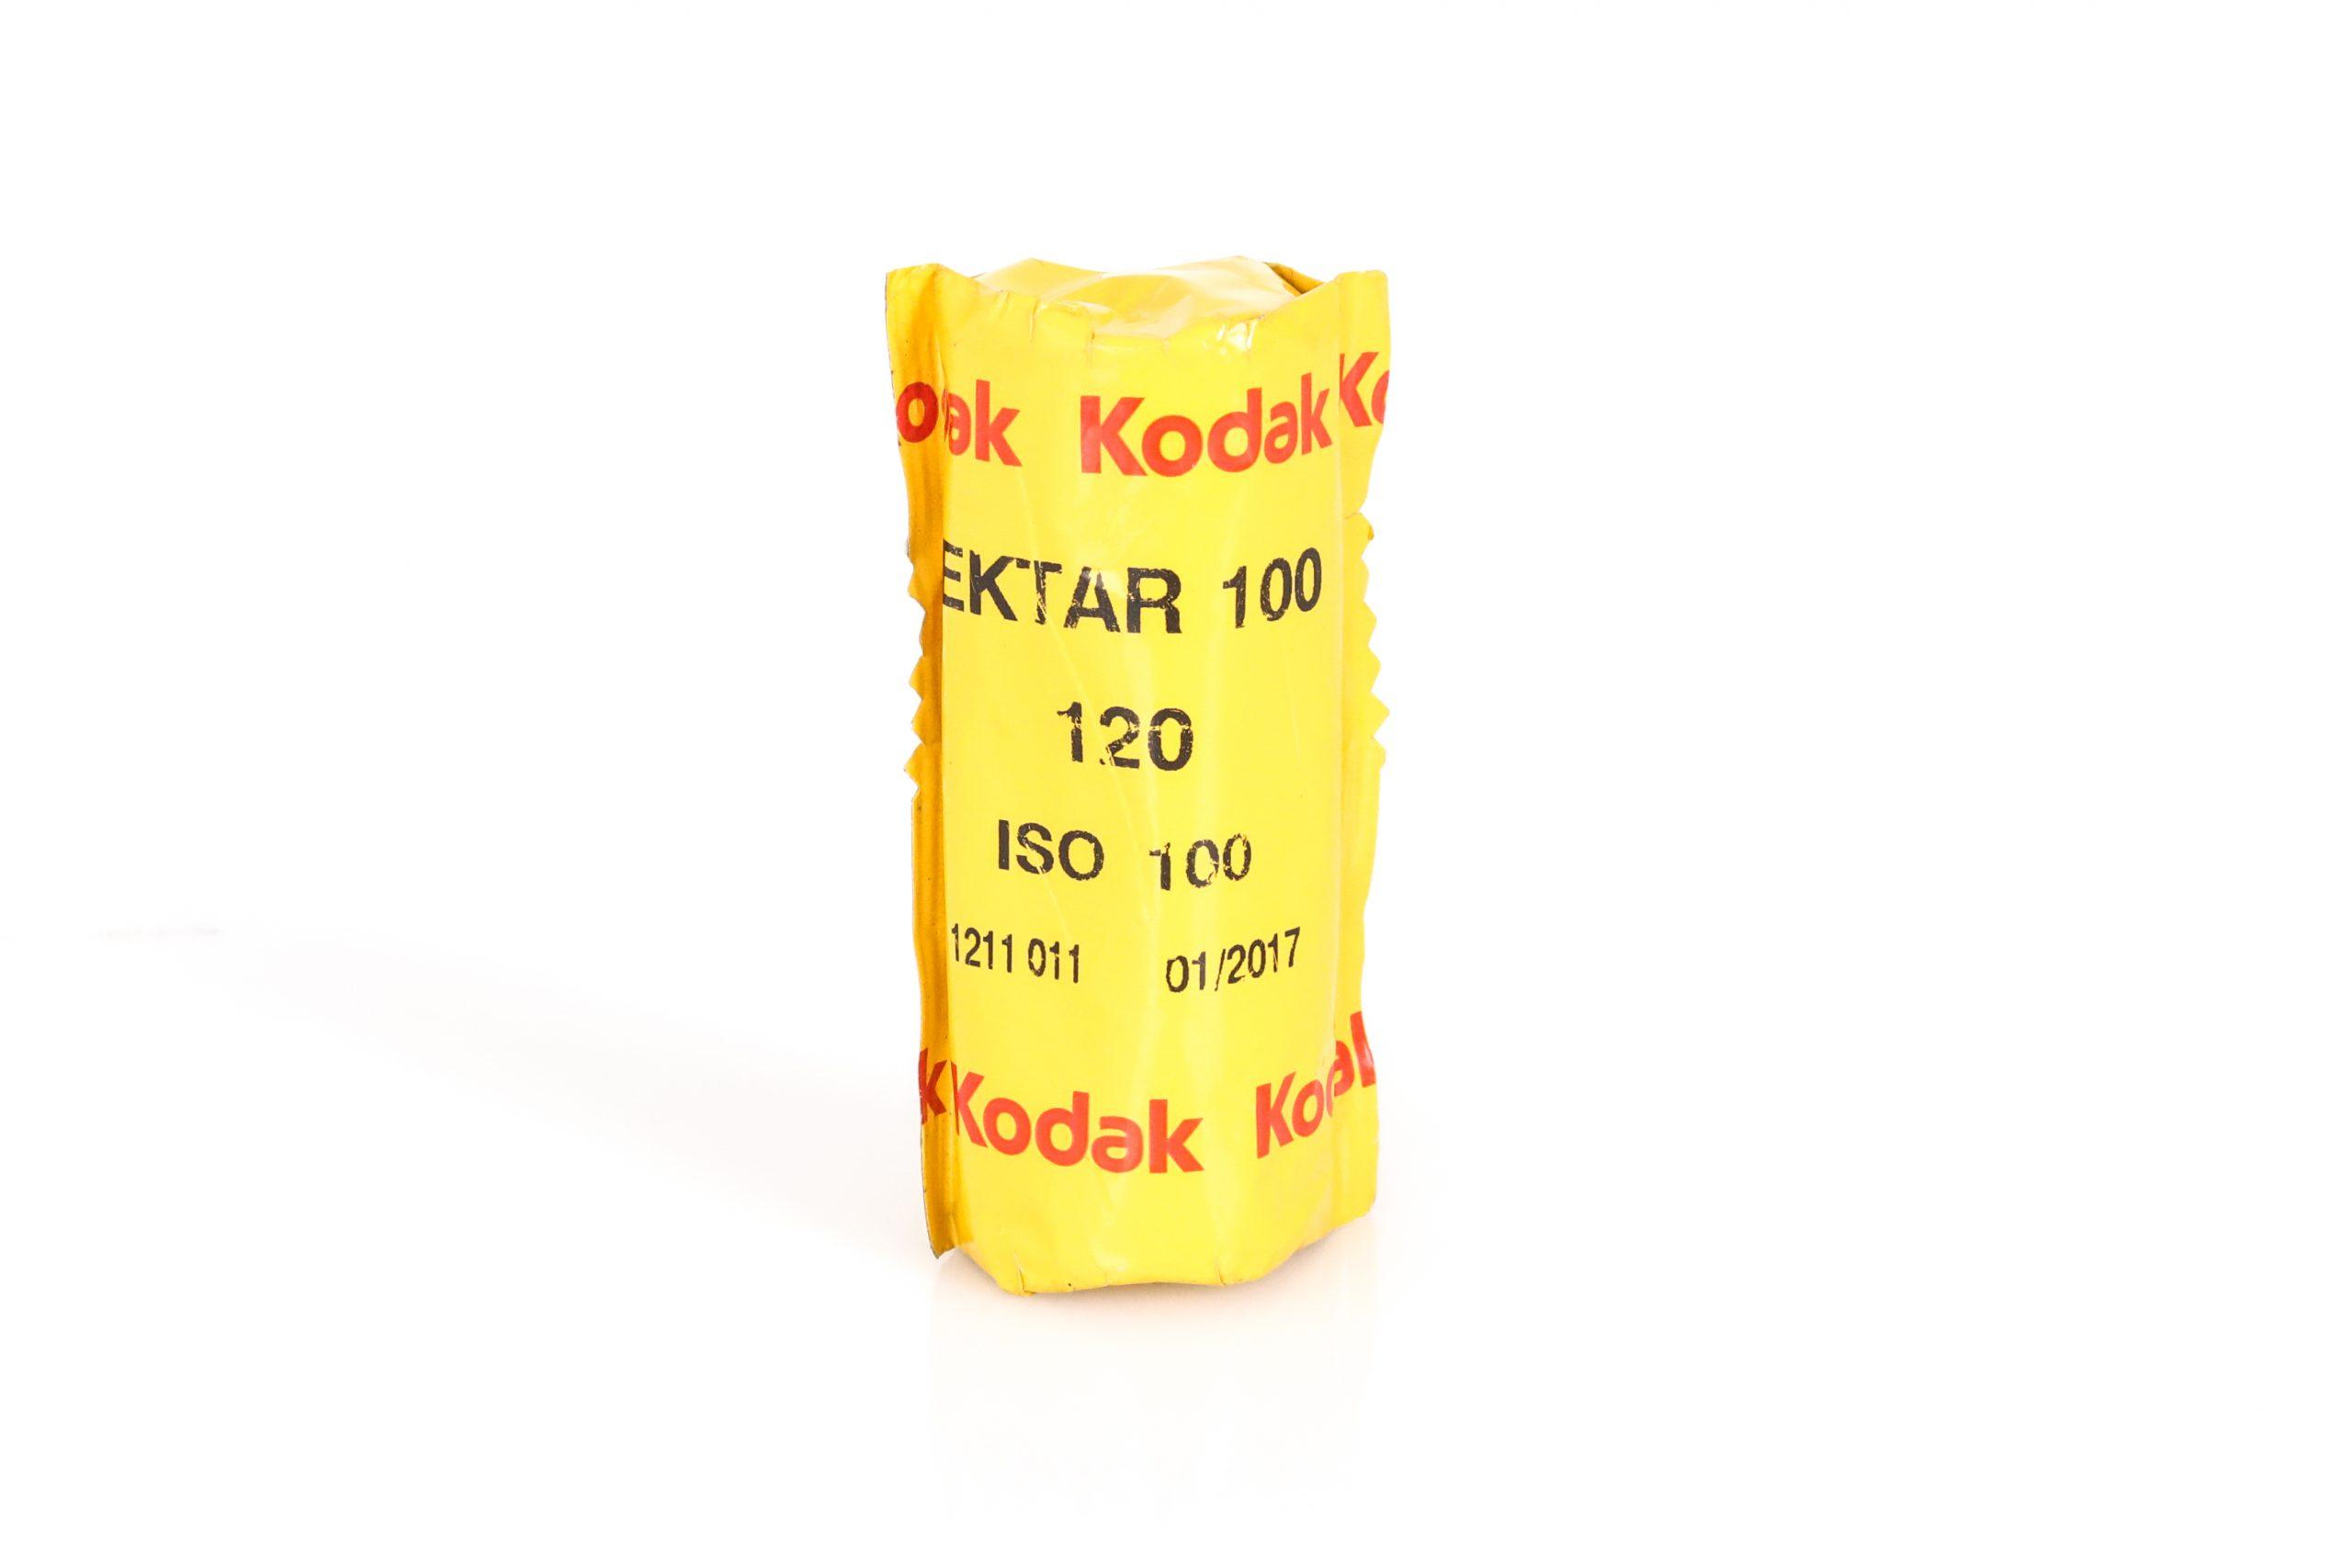 1x Roll of Expired Kodak Ektar 100 120 Medium Format Film EXP 01/2017